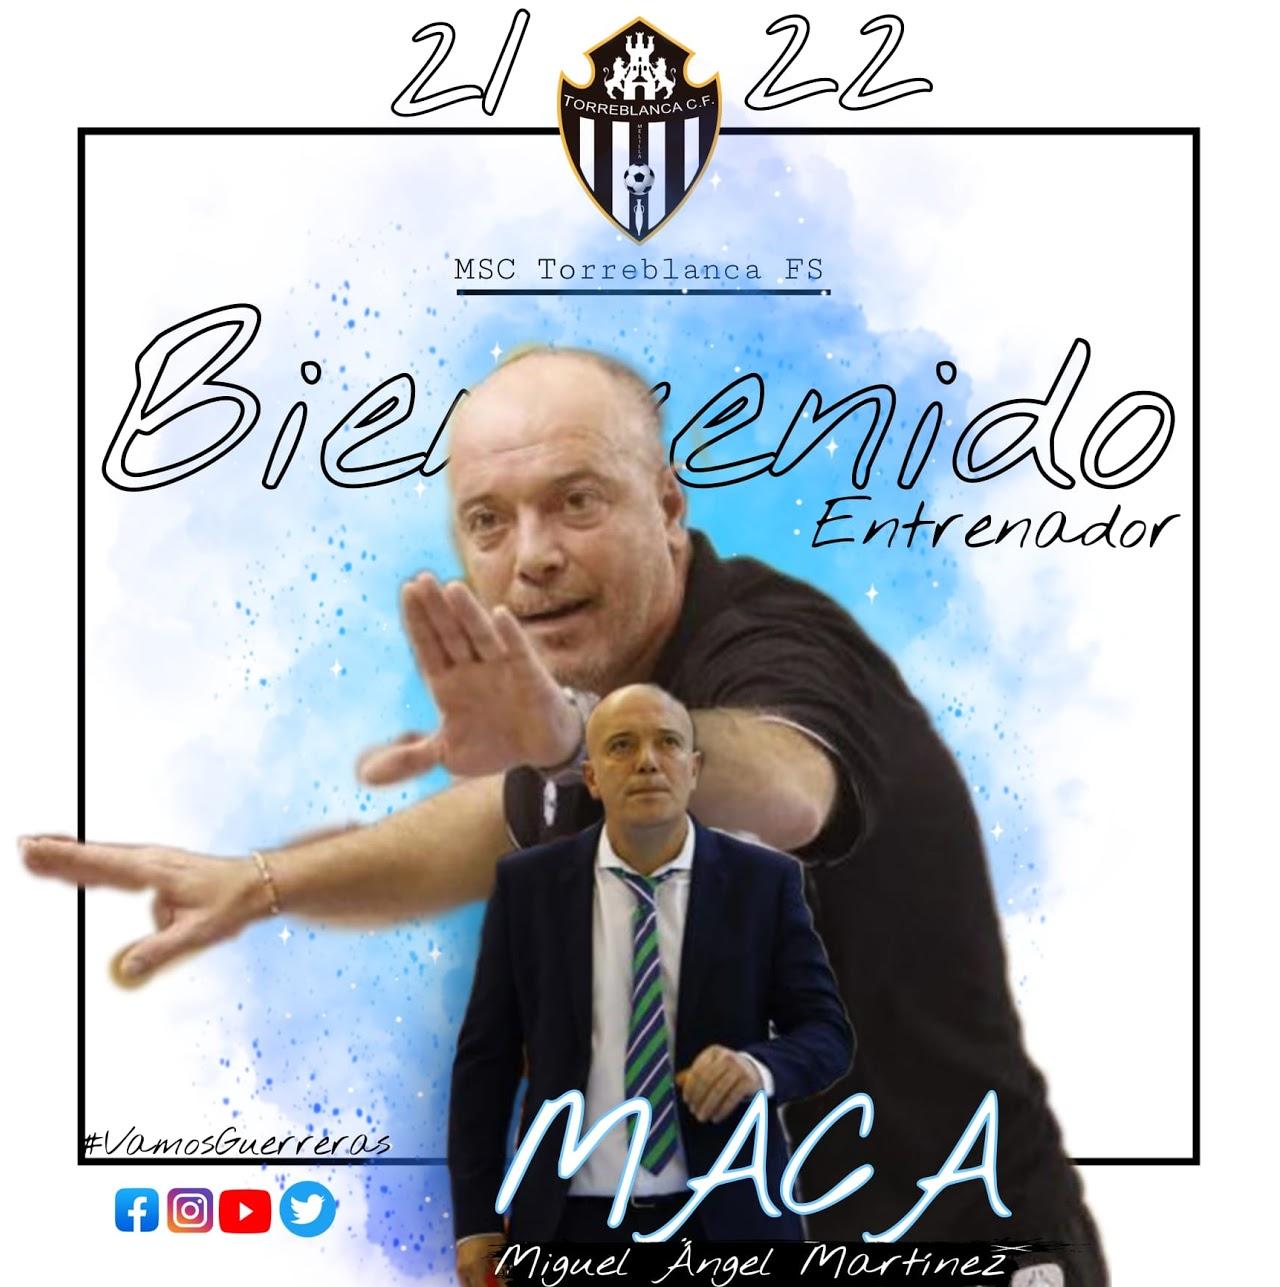 Maca, nuevo entrenador de MSC Torreblanca Melilla para la Temporada 2021/2022